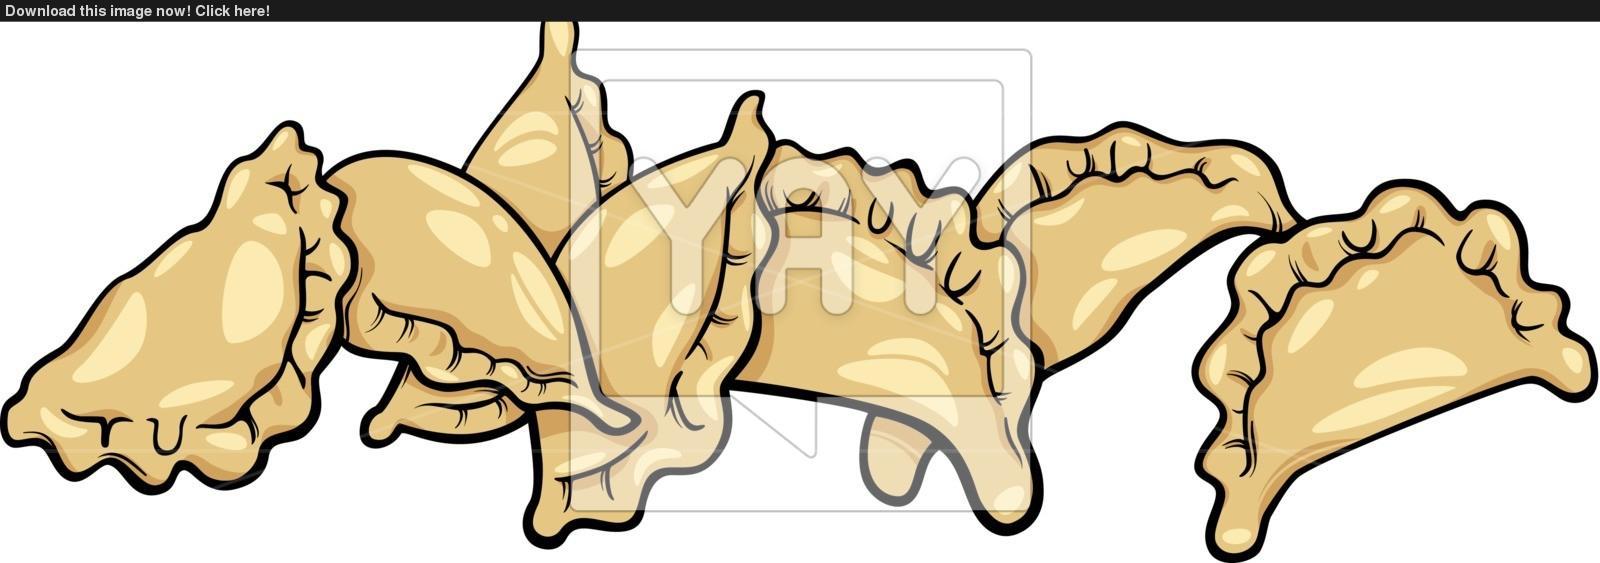 pierogi or dumplings cartoon clip art vector.